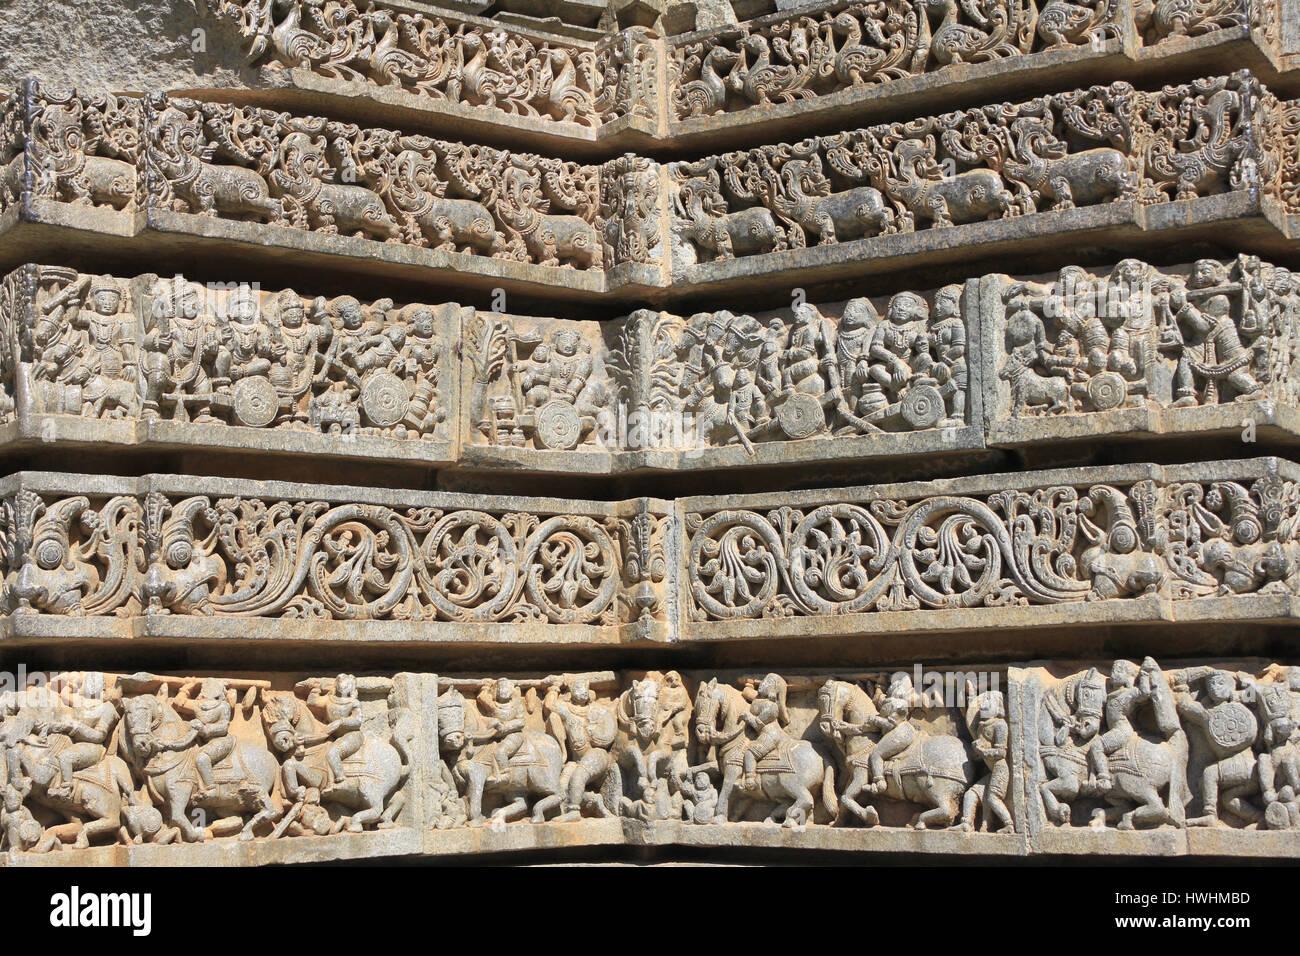 Close up de culte wall relief suit un plan stellaire, représentant des cygnes, makara(bête imaginaire), Hindu puranas, feuillage, cavaliers et eleph Banque D'Images